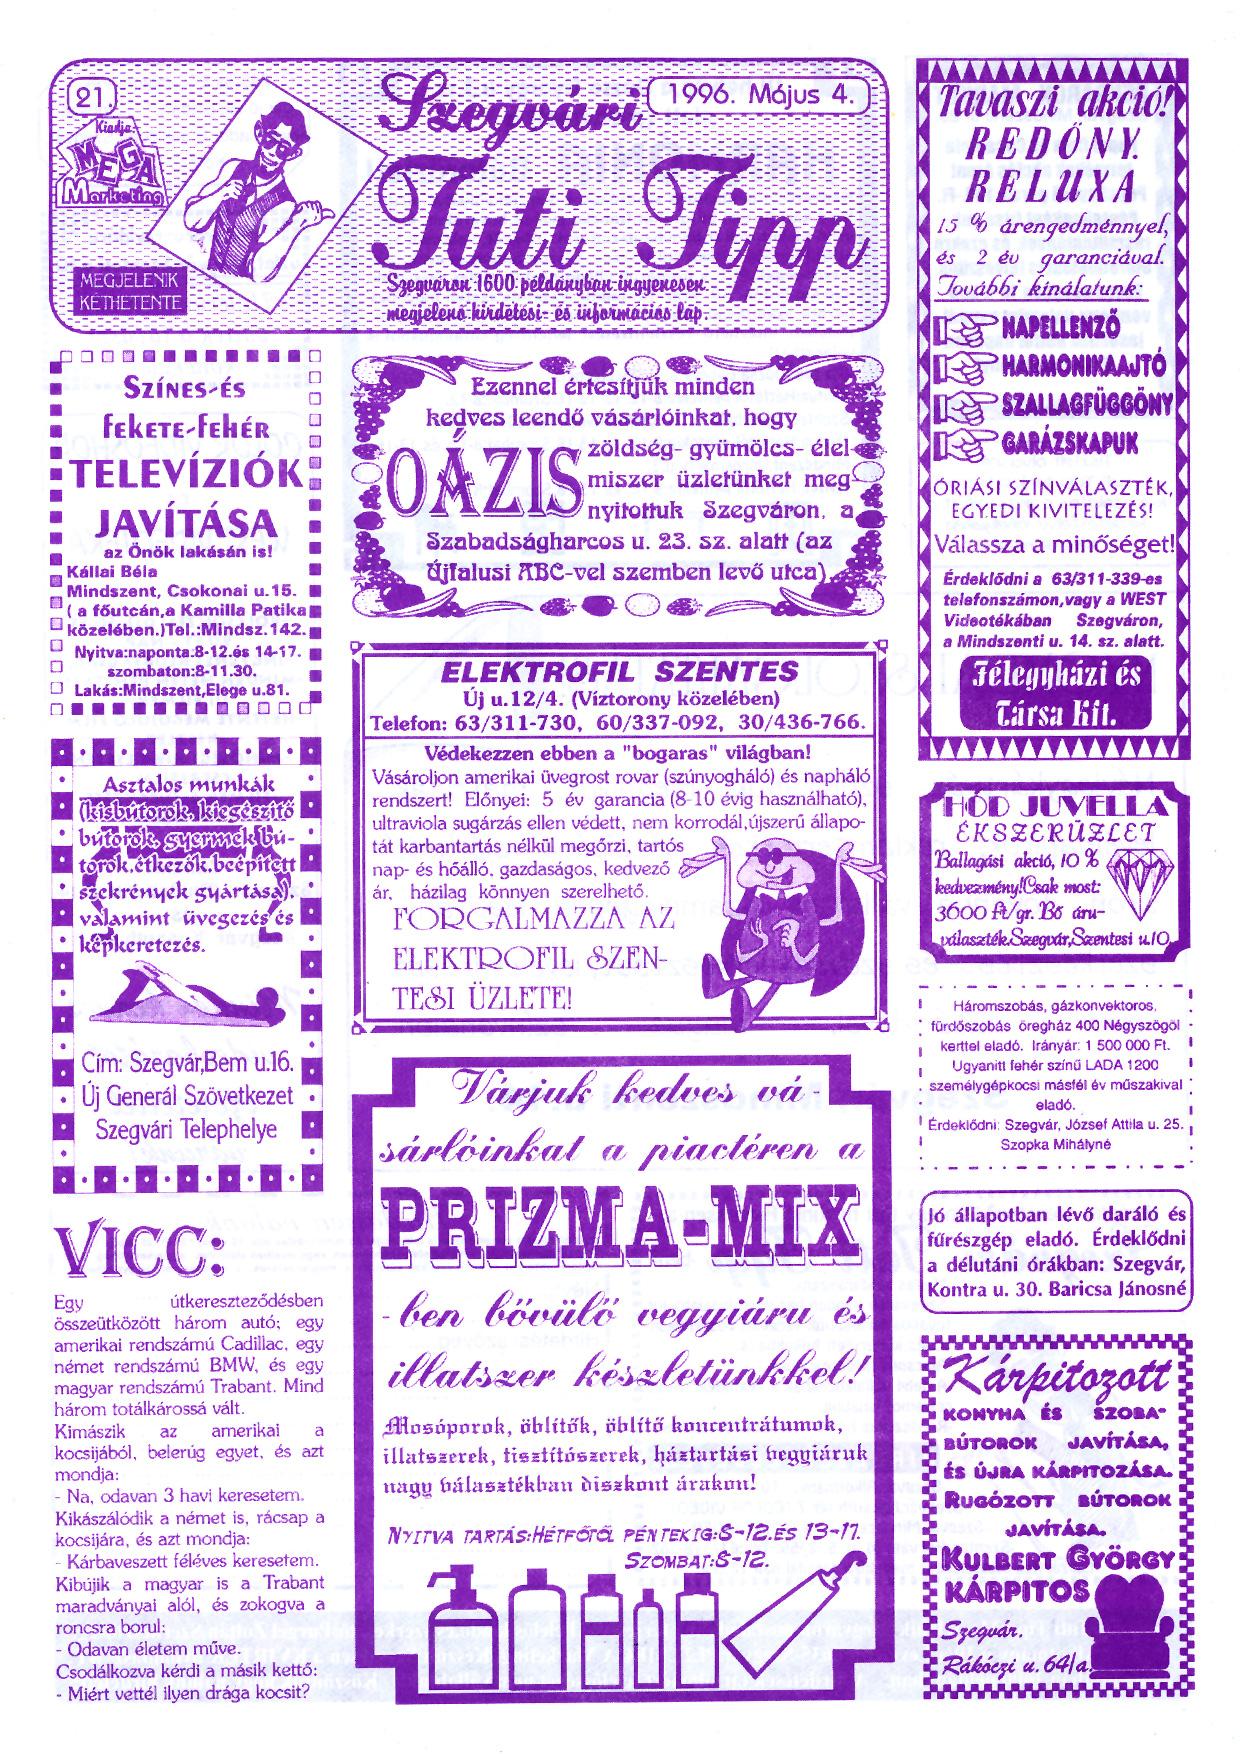 019 Szegvári Tuti Tipp reklámújság - 19960504-021. lapszám - 1.oldal - II. évfolyam.jpg